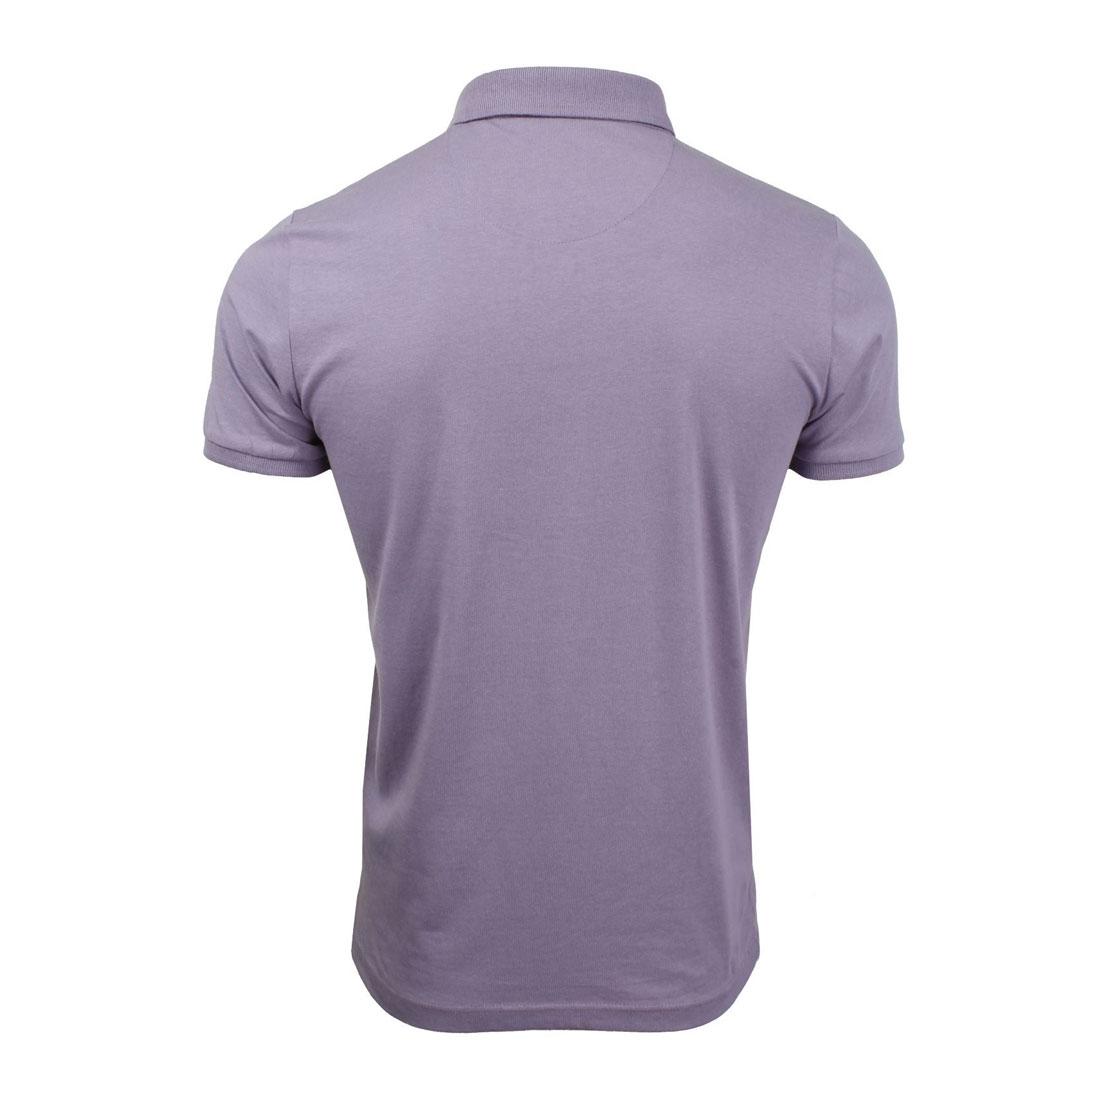 Brave-Soul-Hommes-Polo-T-Shirt-034-Julius-039-S-Coton-A-Col-Manches-Courtes-Haut-Decontracte miniature 10